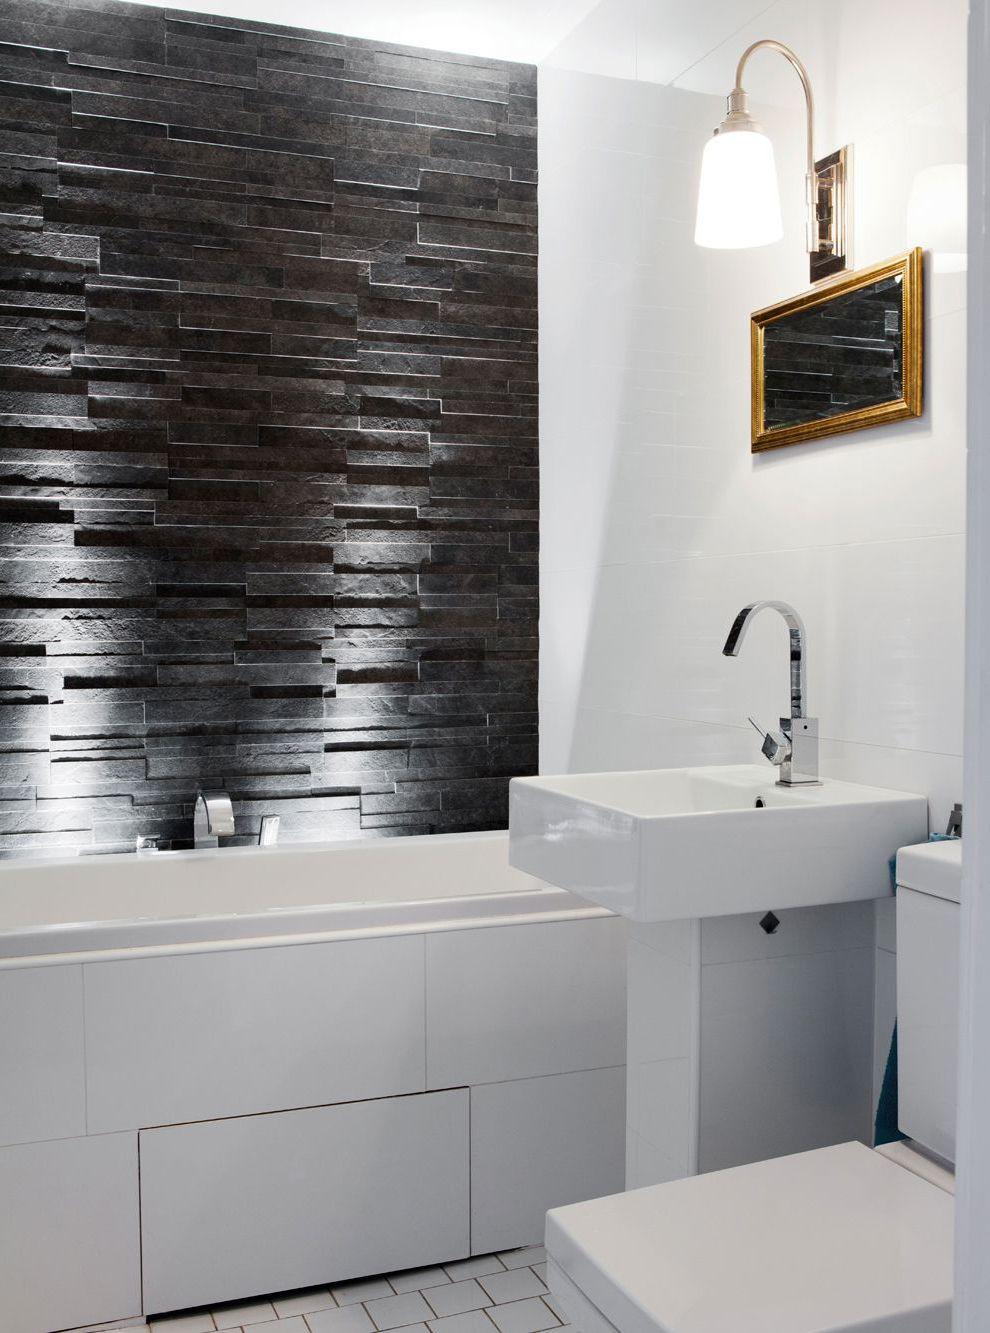 Ciemny kamień dekoracyjny w łazience